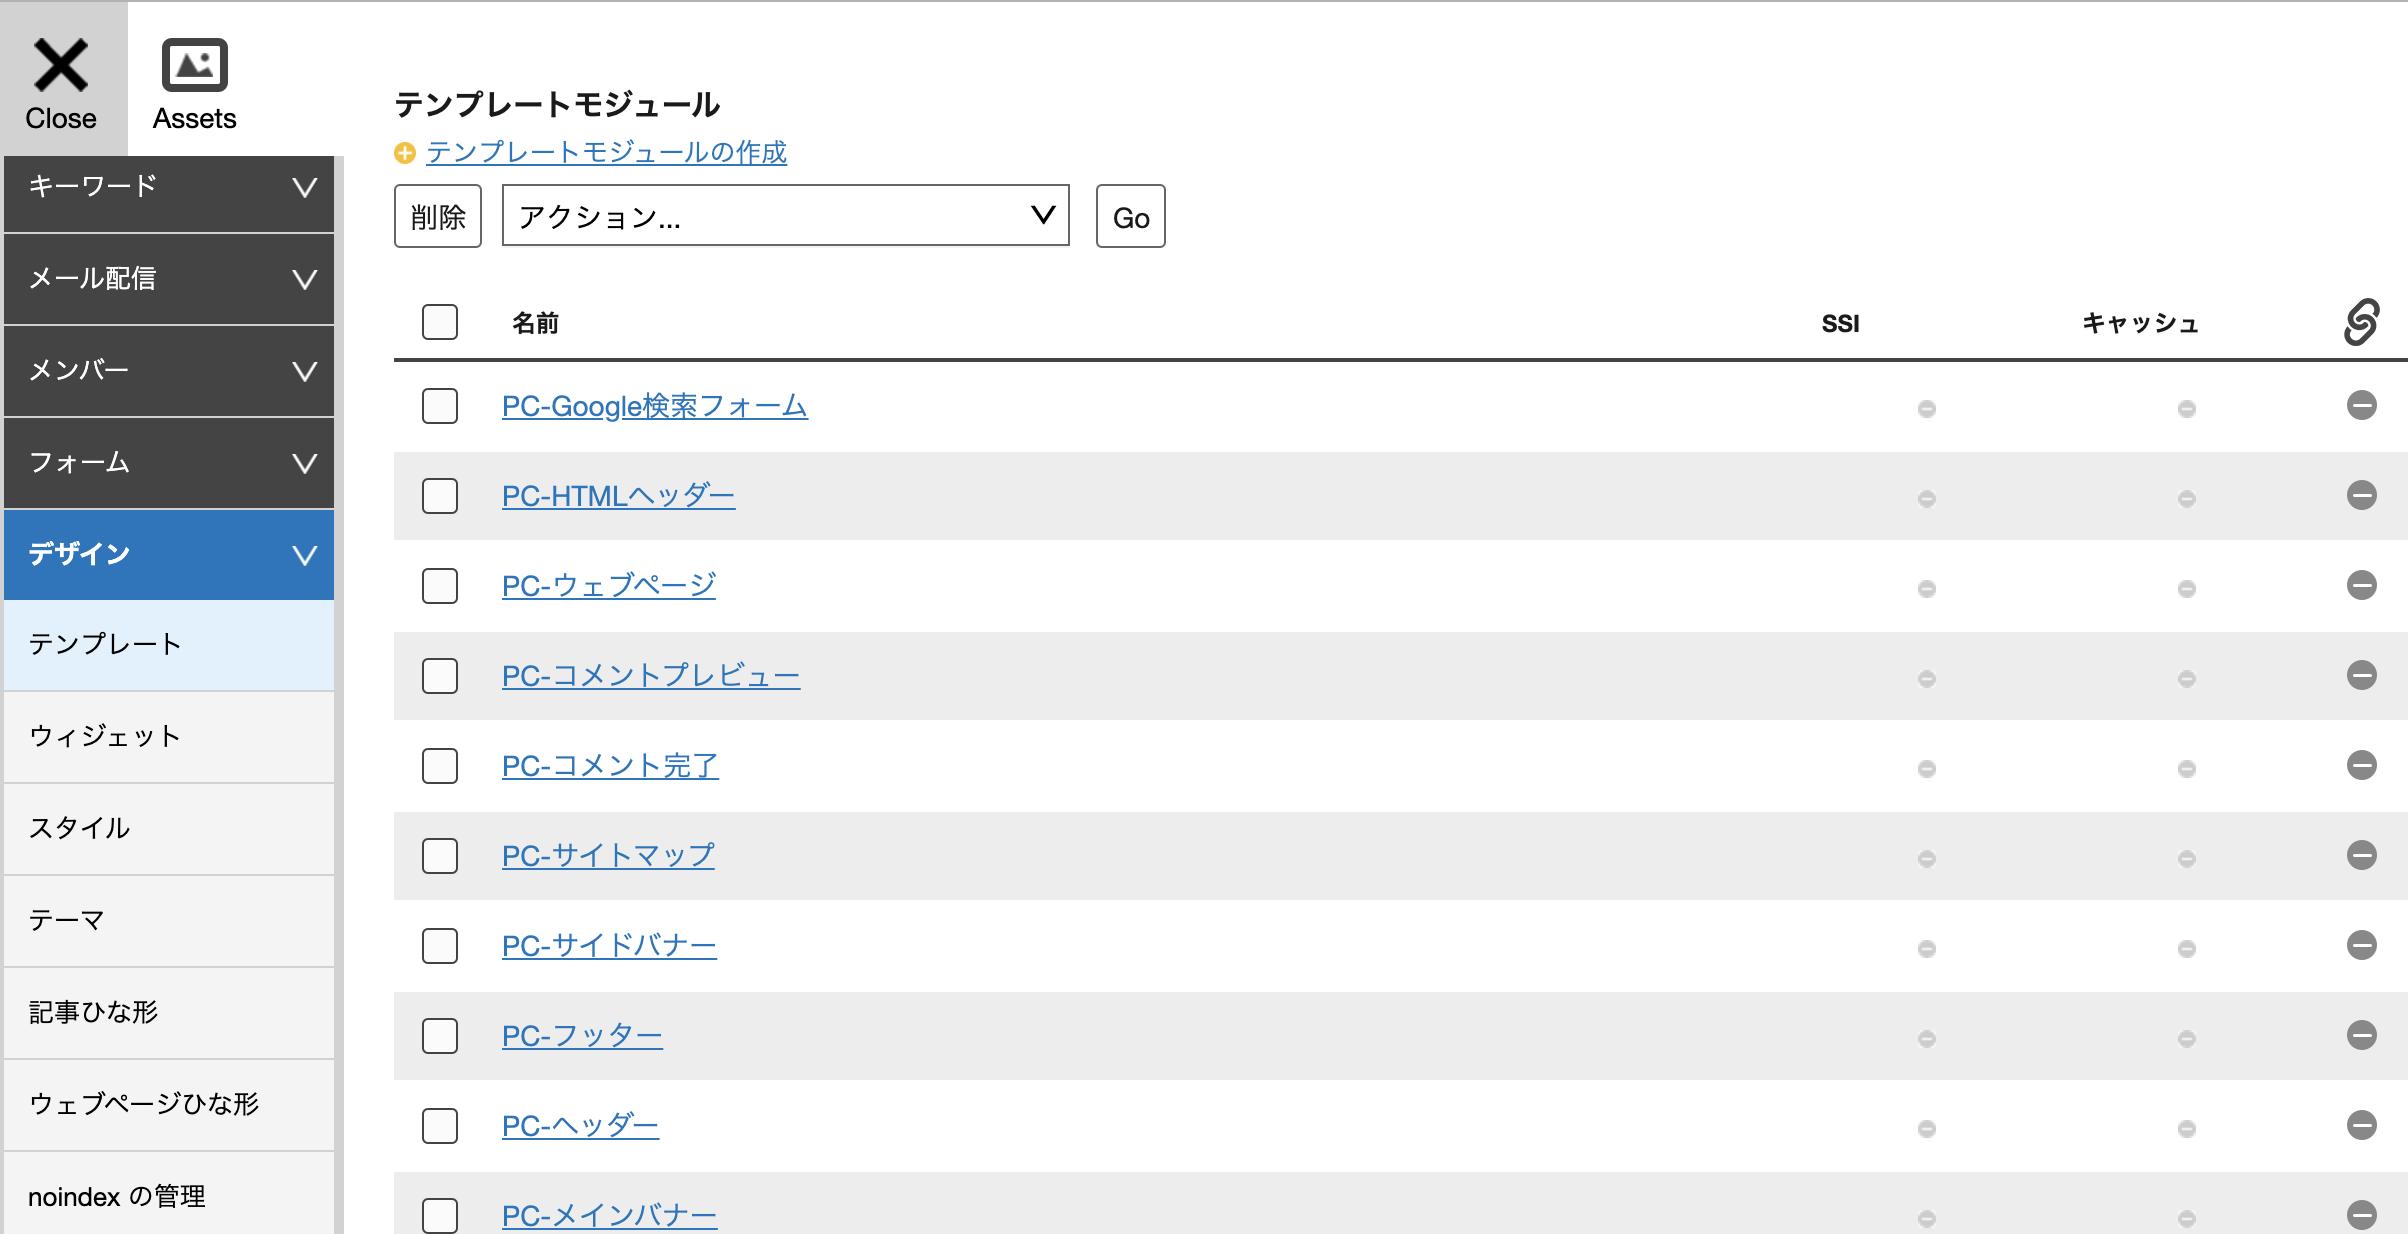 スクリーンショット 2020-09-15 10.52.05.png